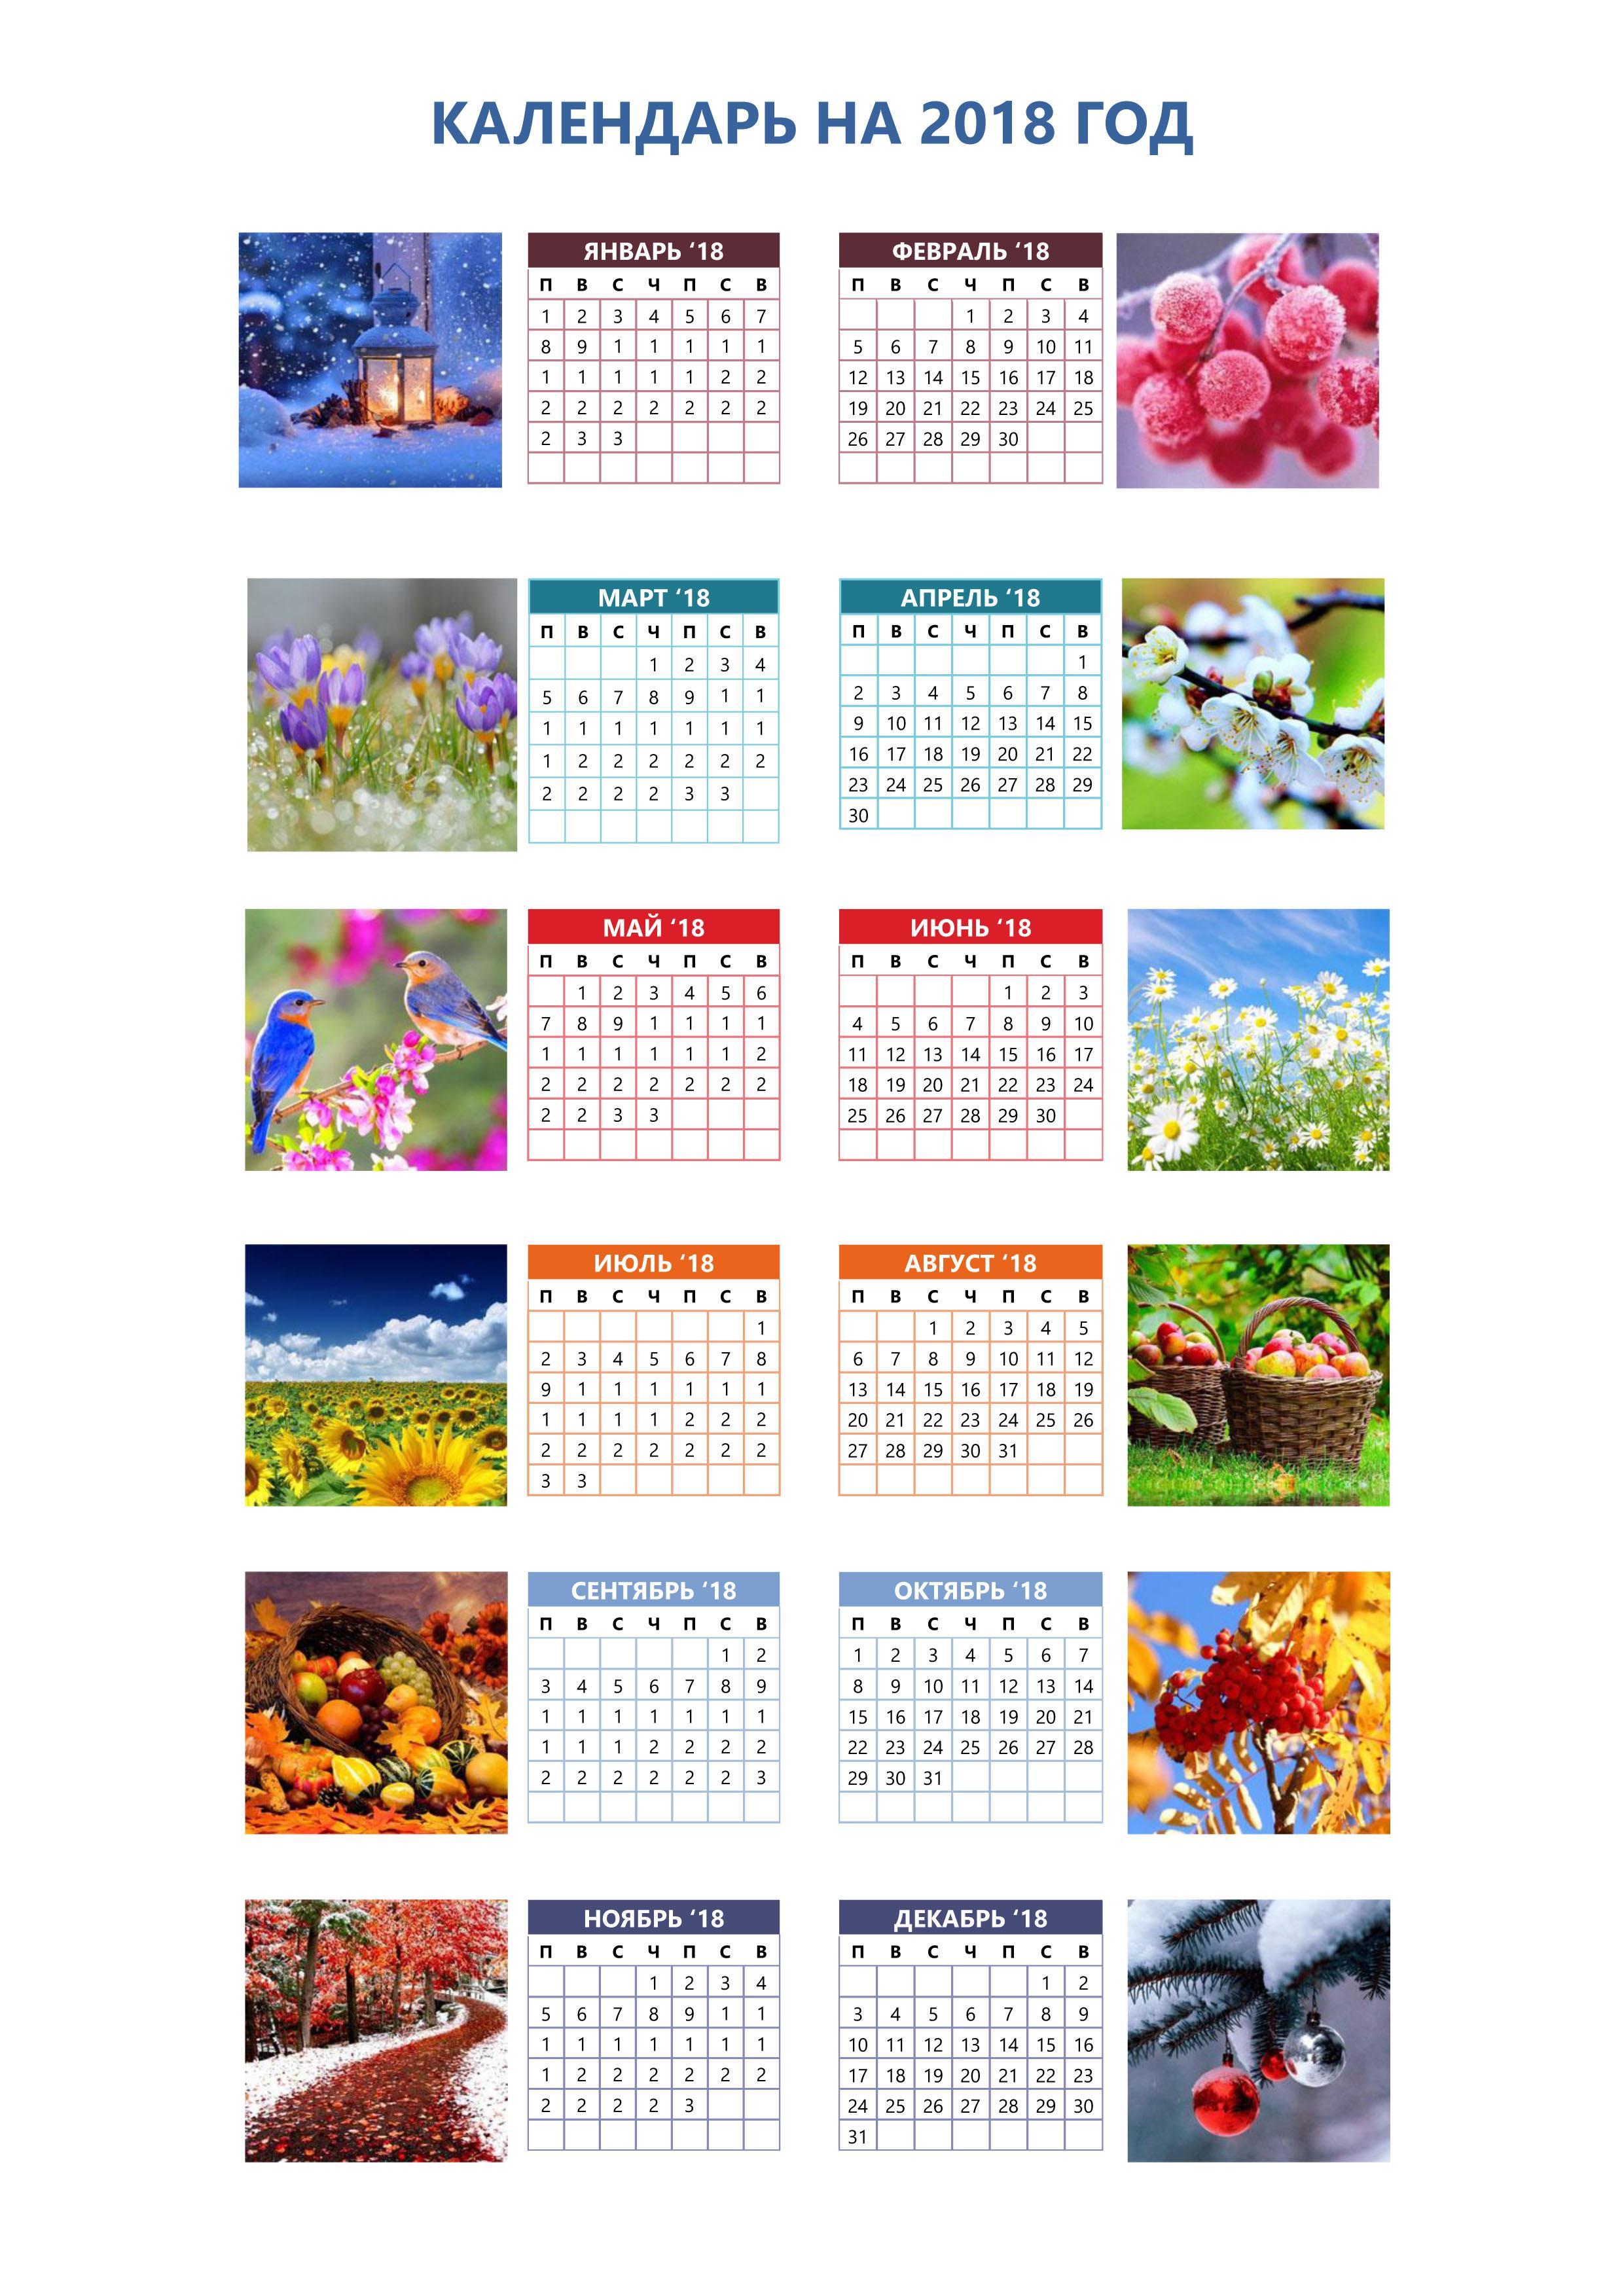 Как сделать маленькие календарики в ворде